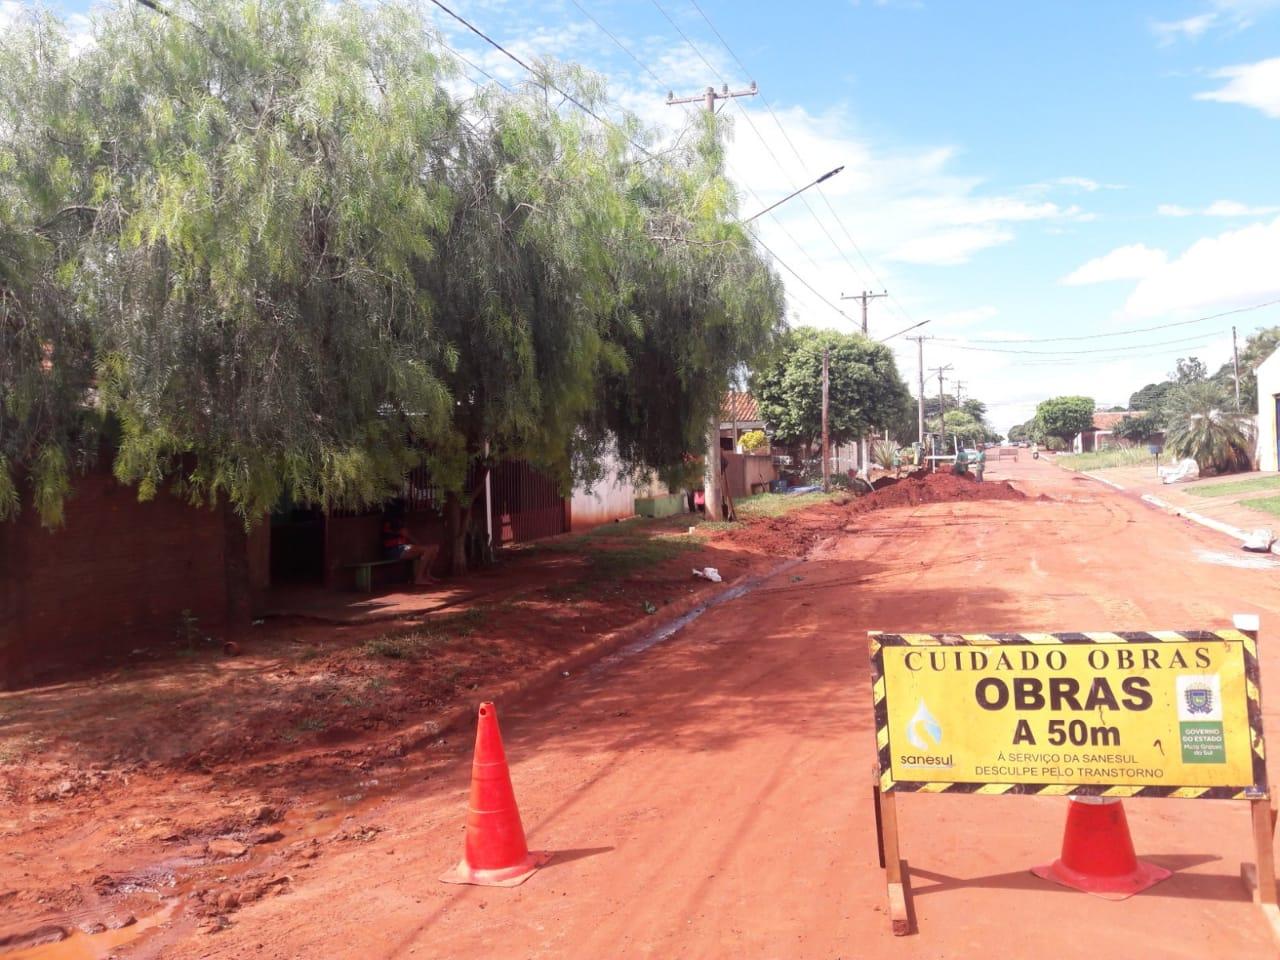 Sanesul executa obras em Deodápolis e Santa Rita do Pardo